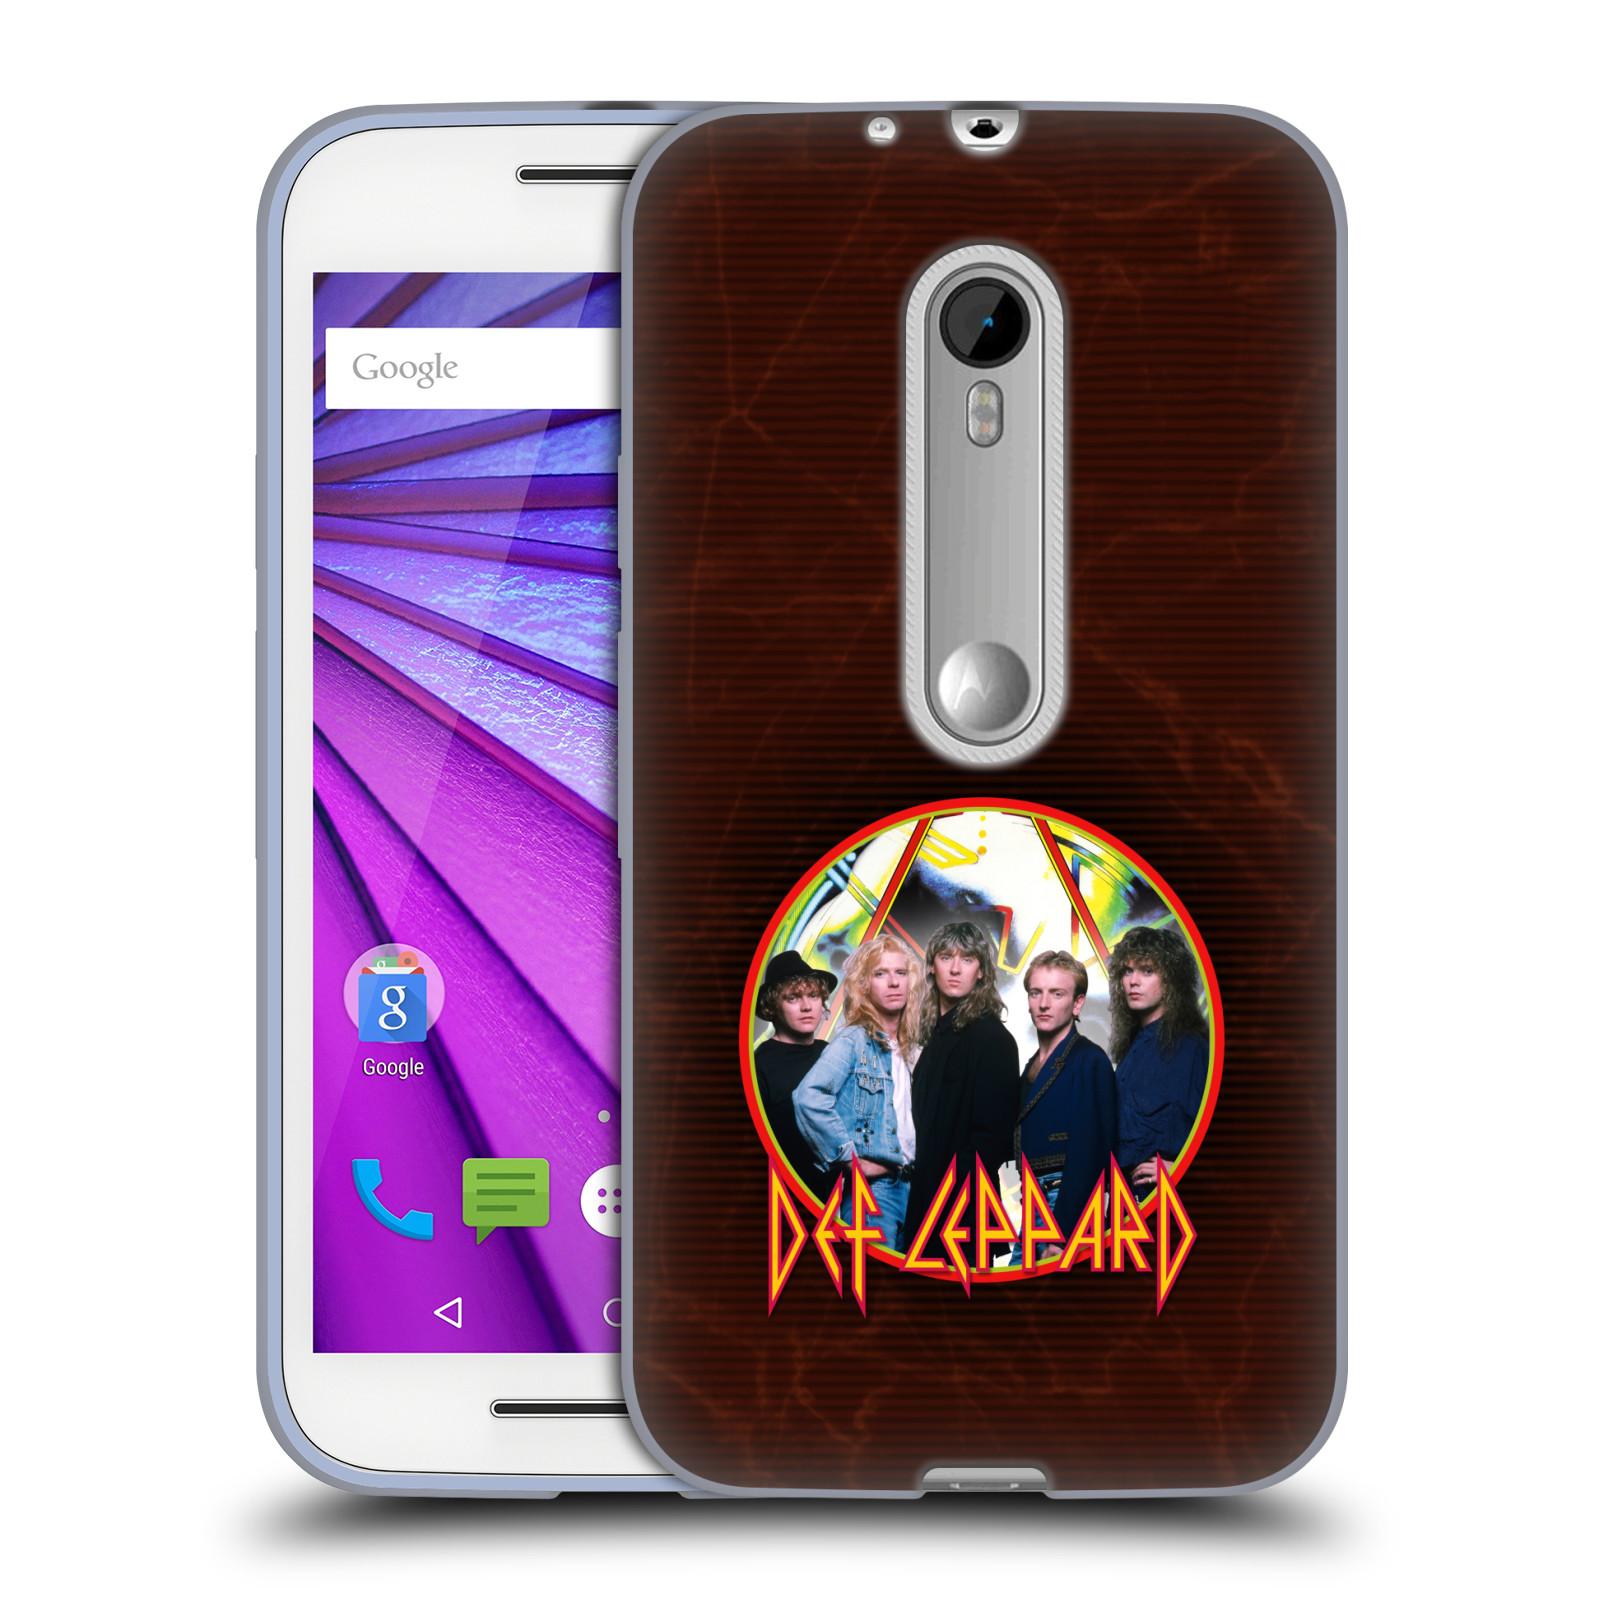 Oficial-Def-Leppard-fotos-caso-De-Gel-Suave-para-telefonos-Motorola-2